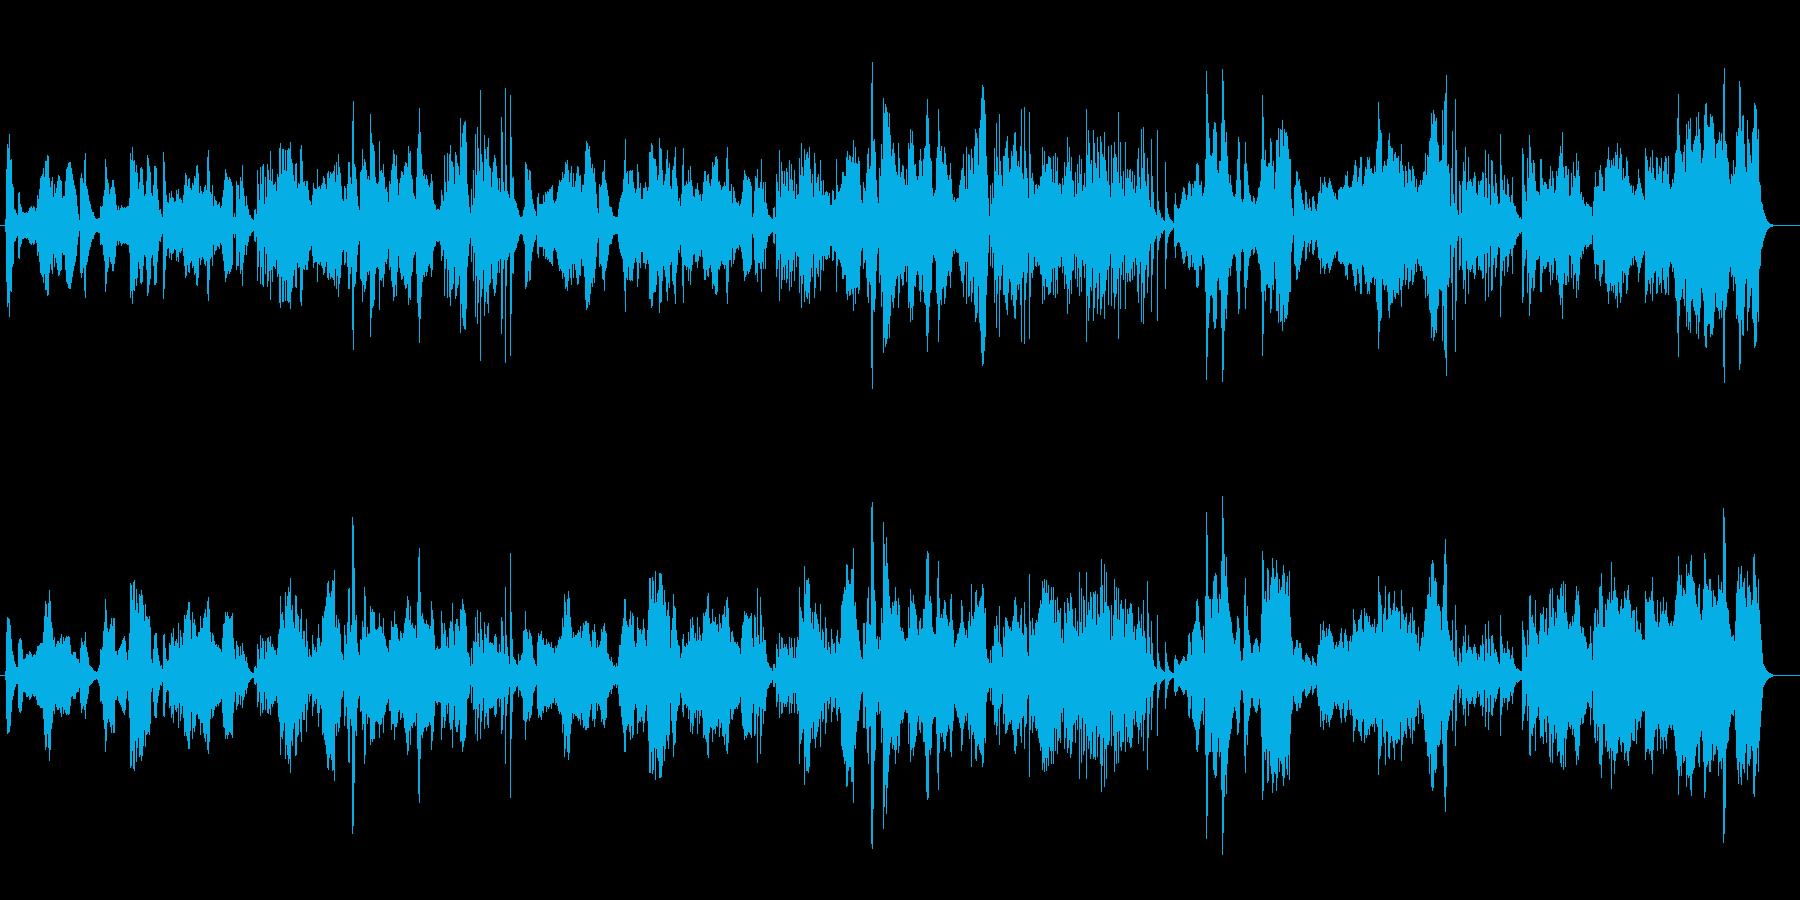 伝統的な日本の音楽をイメージした楽曲の再生済みの波形